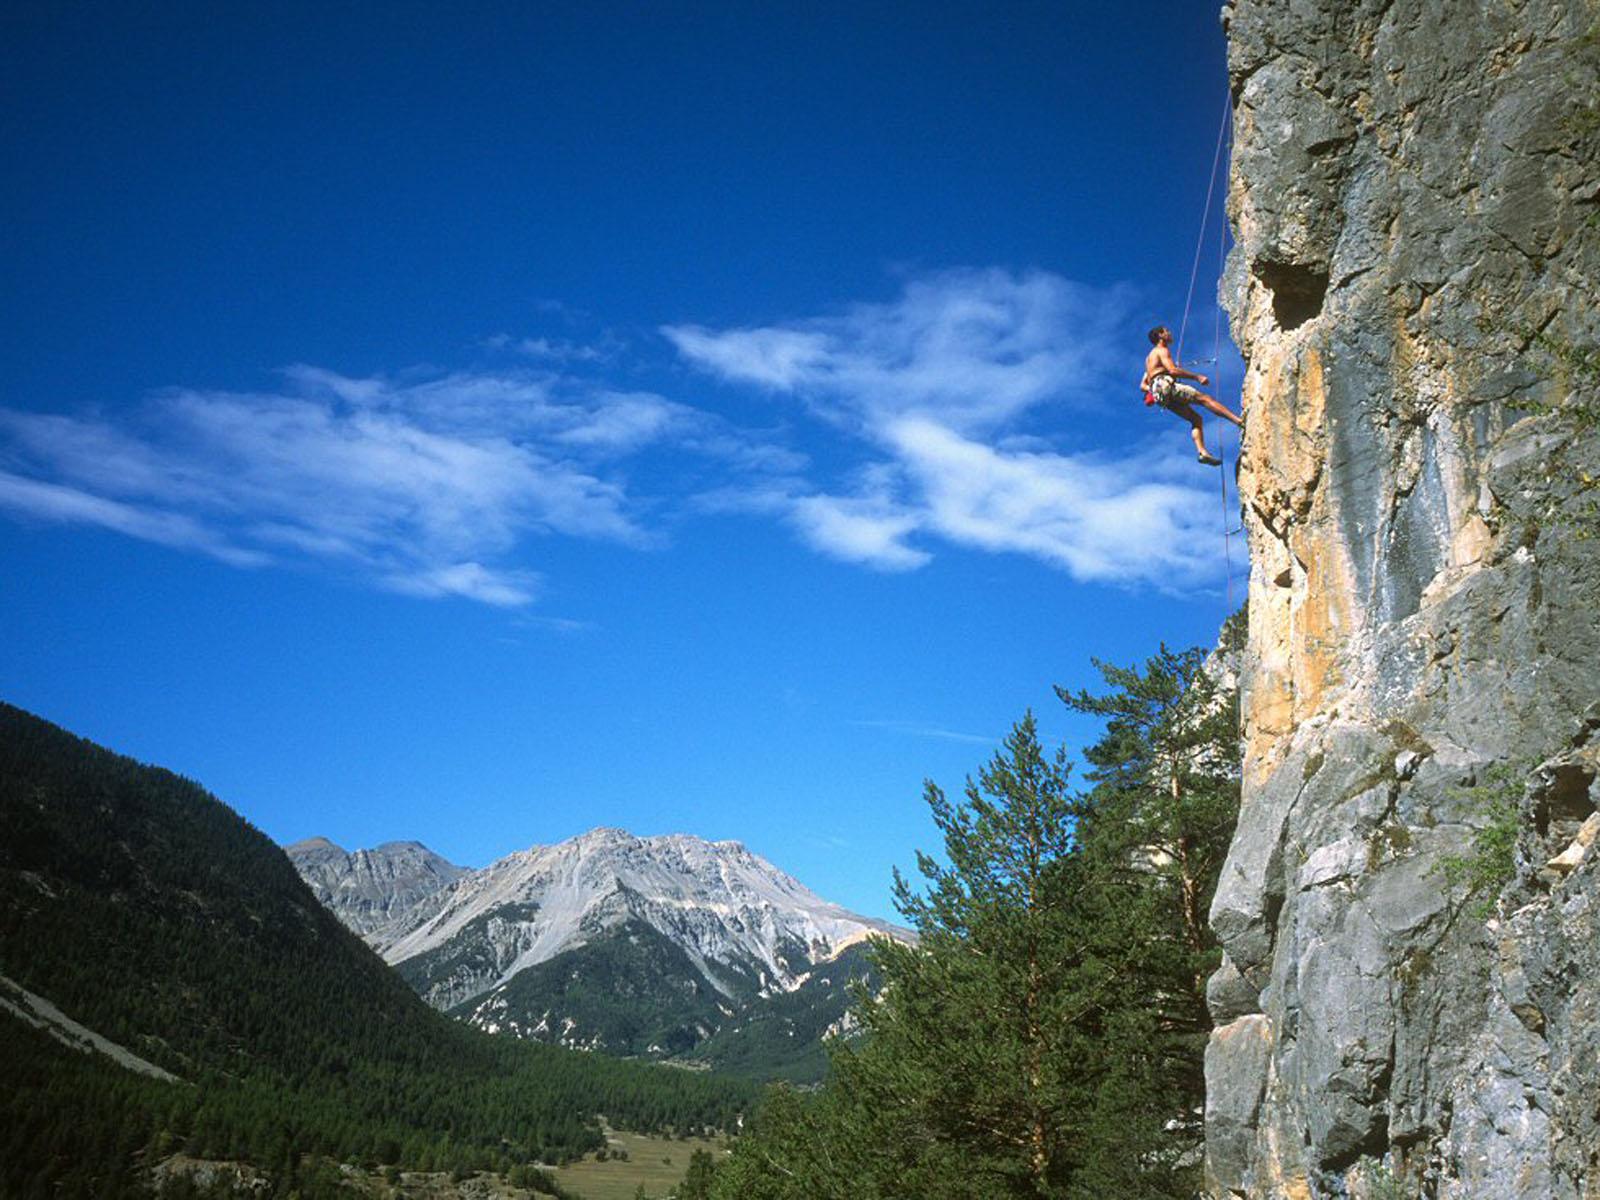 http://2.bp.blogspot.com/-D1haCBVVlnc/T2rHsGdP-II/AAAAAAAABM0/Nn4X3AO7t_8/s1600/Rock+Climbing+Wallpapers+3.jpg